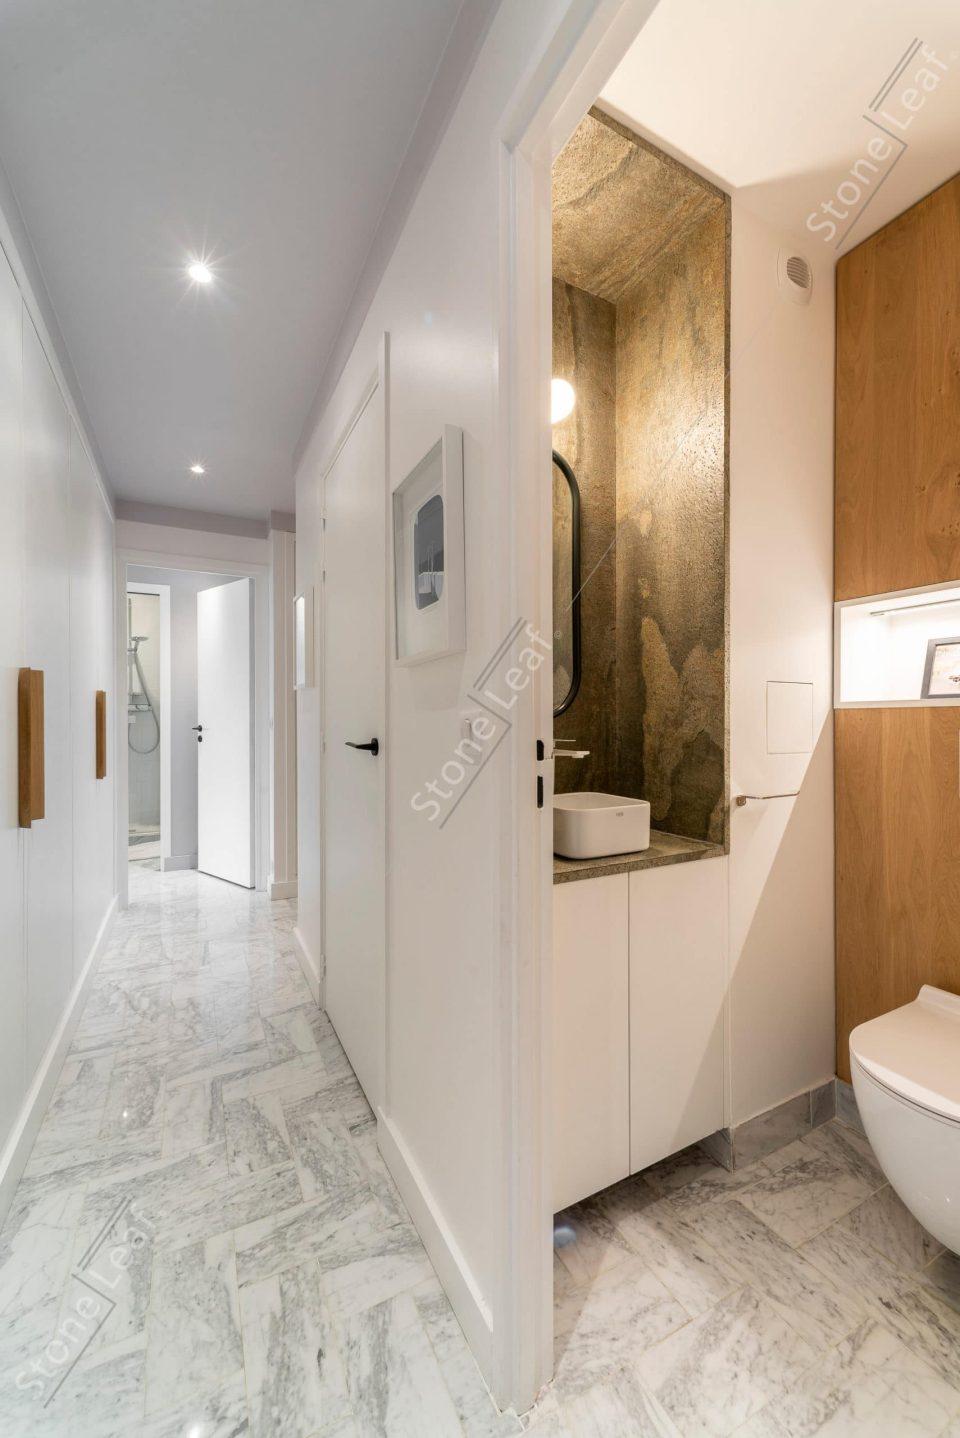 Feuille de pierre 100% naturelle en décoration de sanitaire